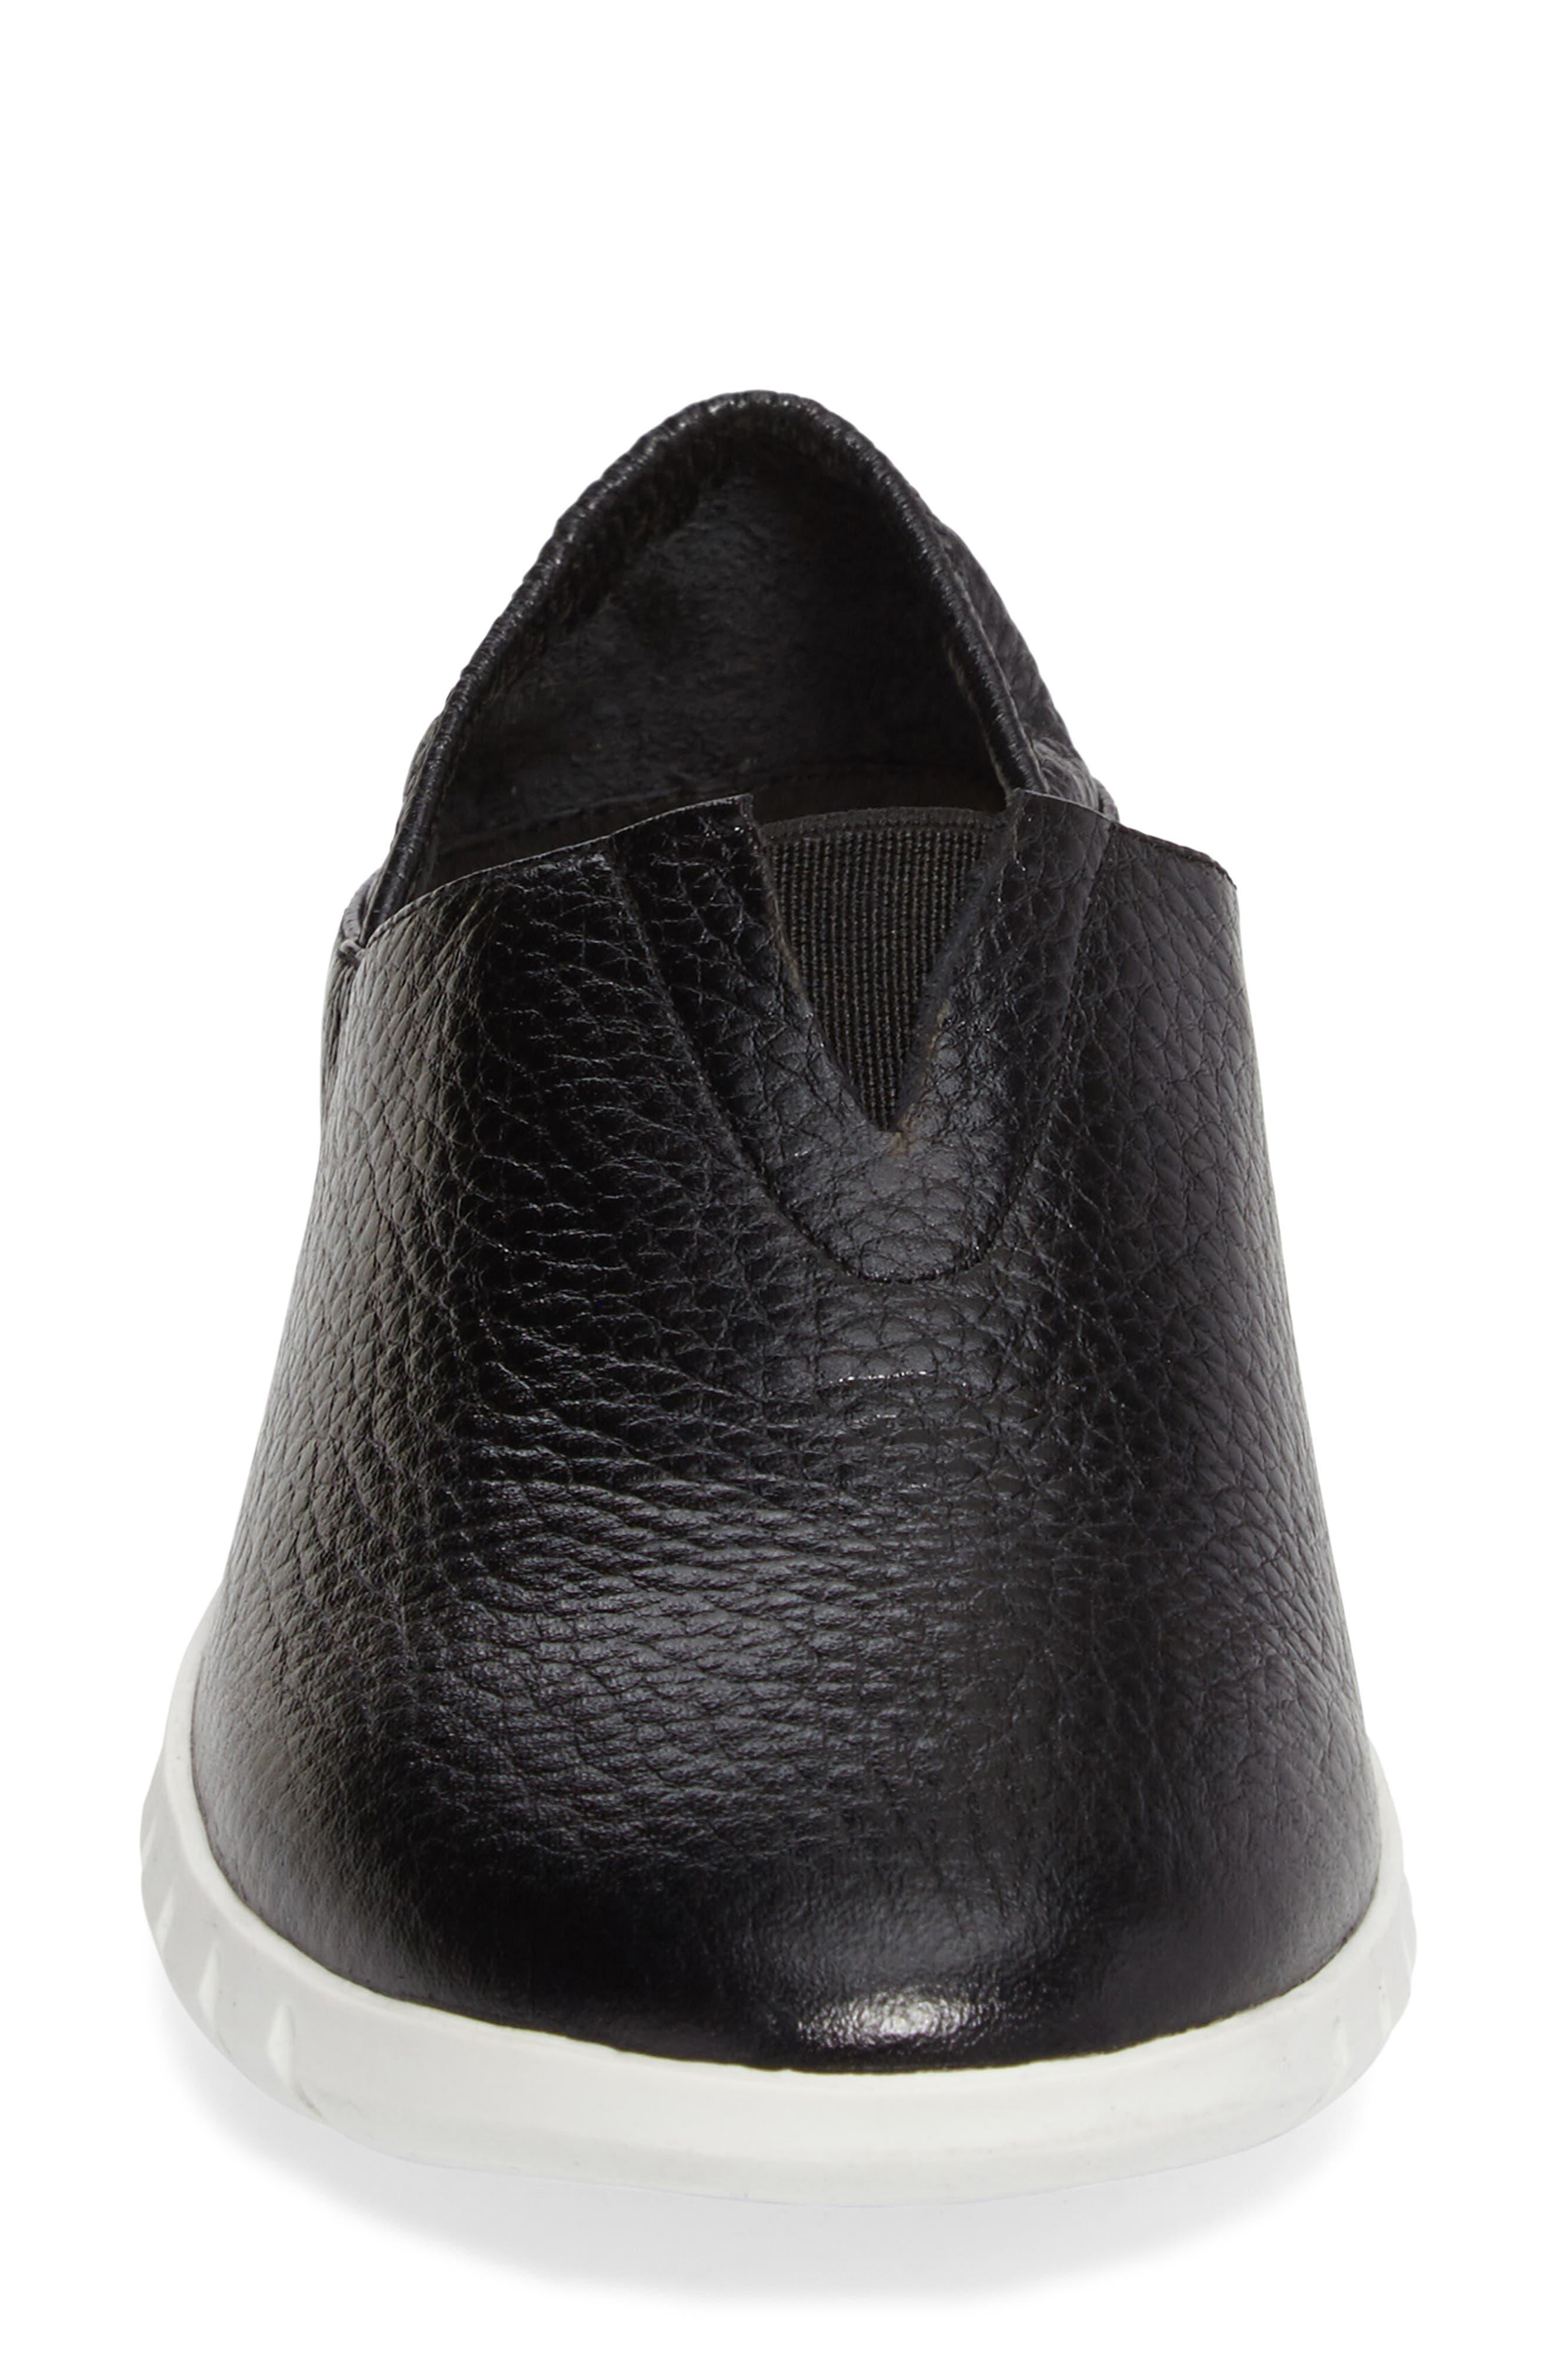 Kim Slip-On Sneaker,                             Alternate thumbnail 4, color,                             Black Leather